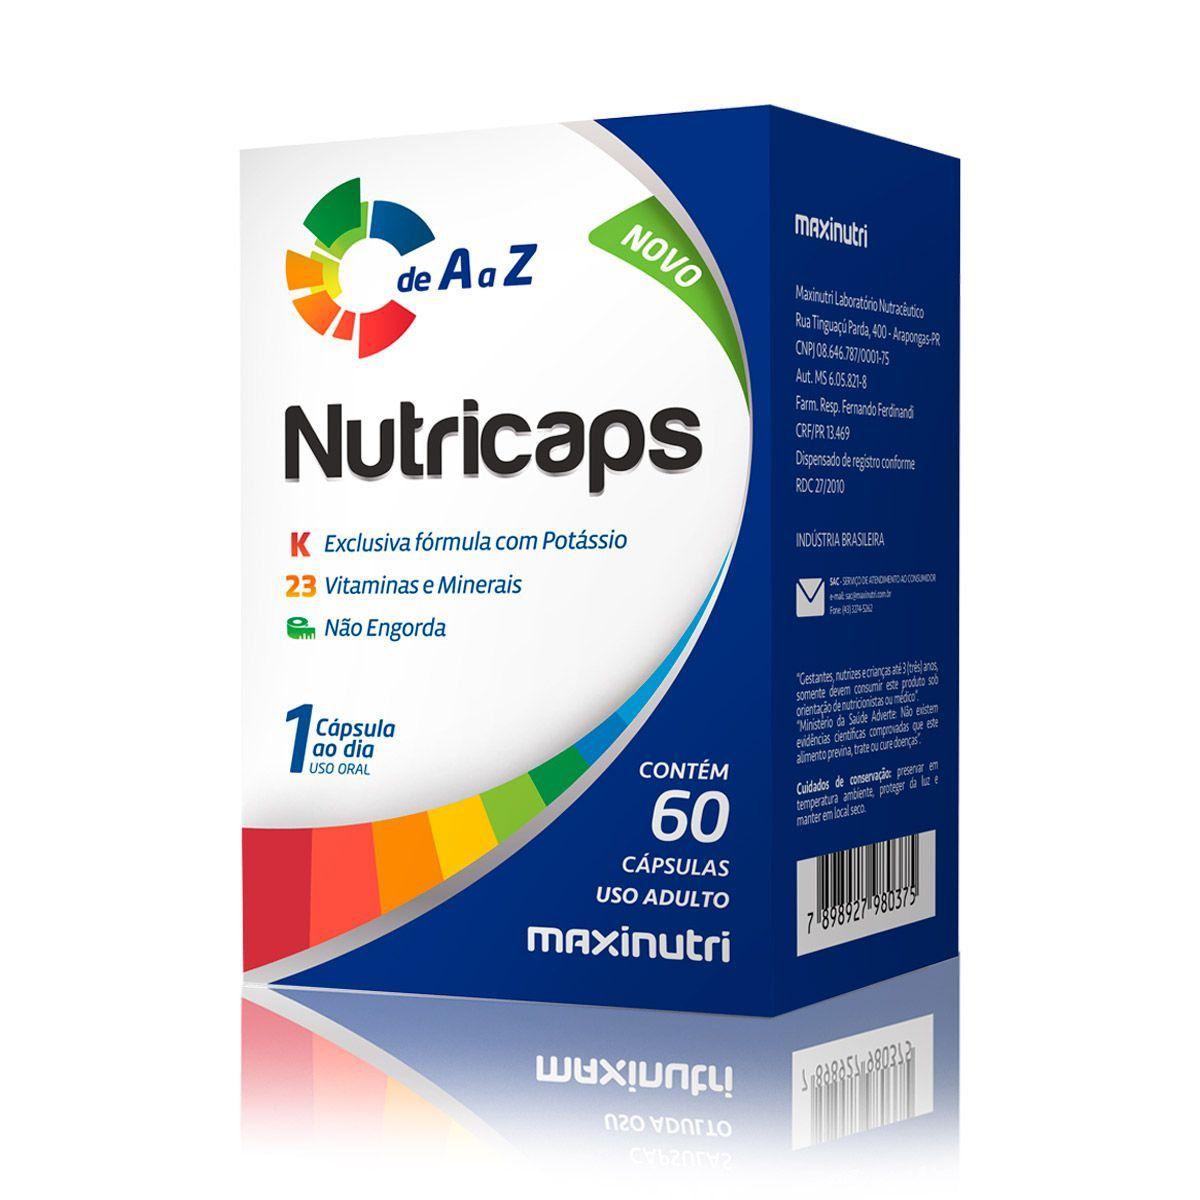 Nutricaps de A a Z 60 Cápsulas - Maxinutri